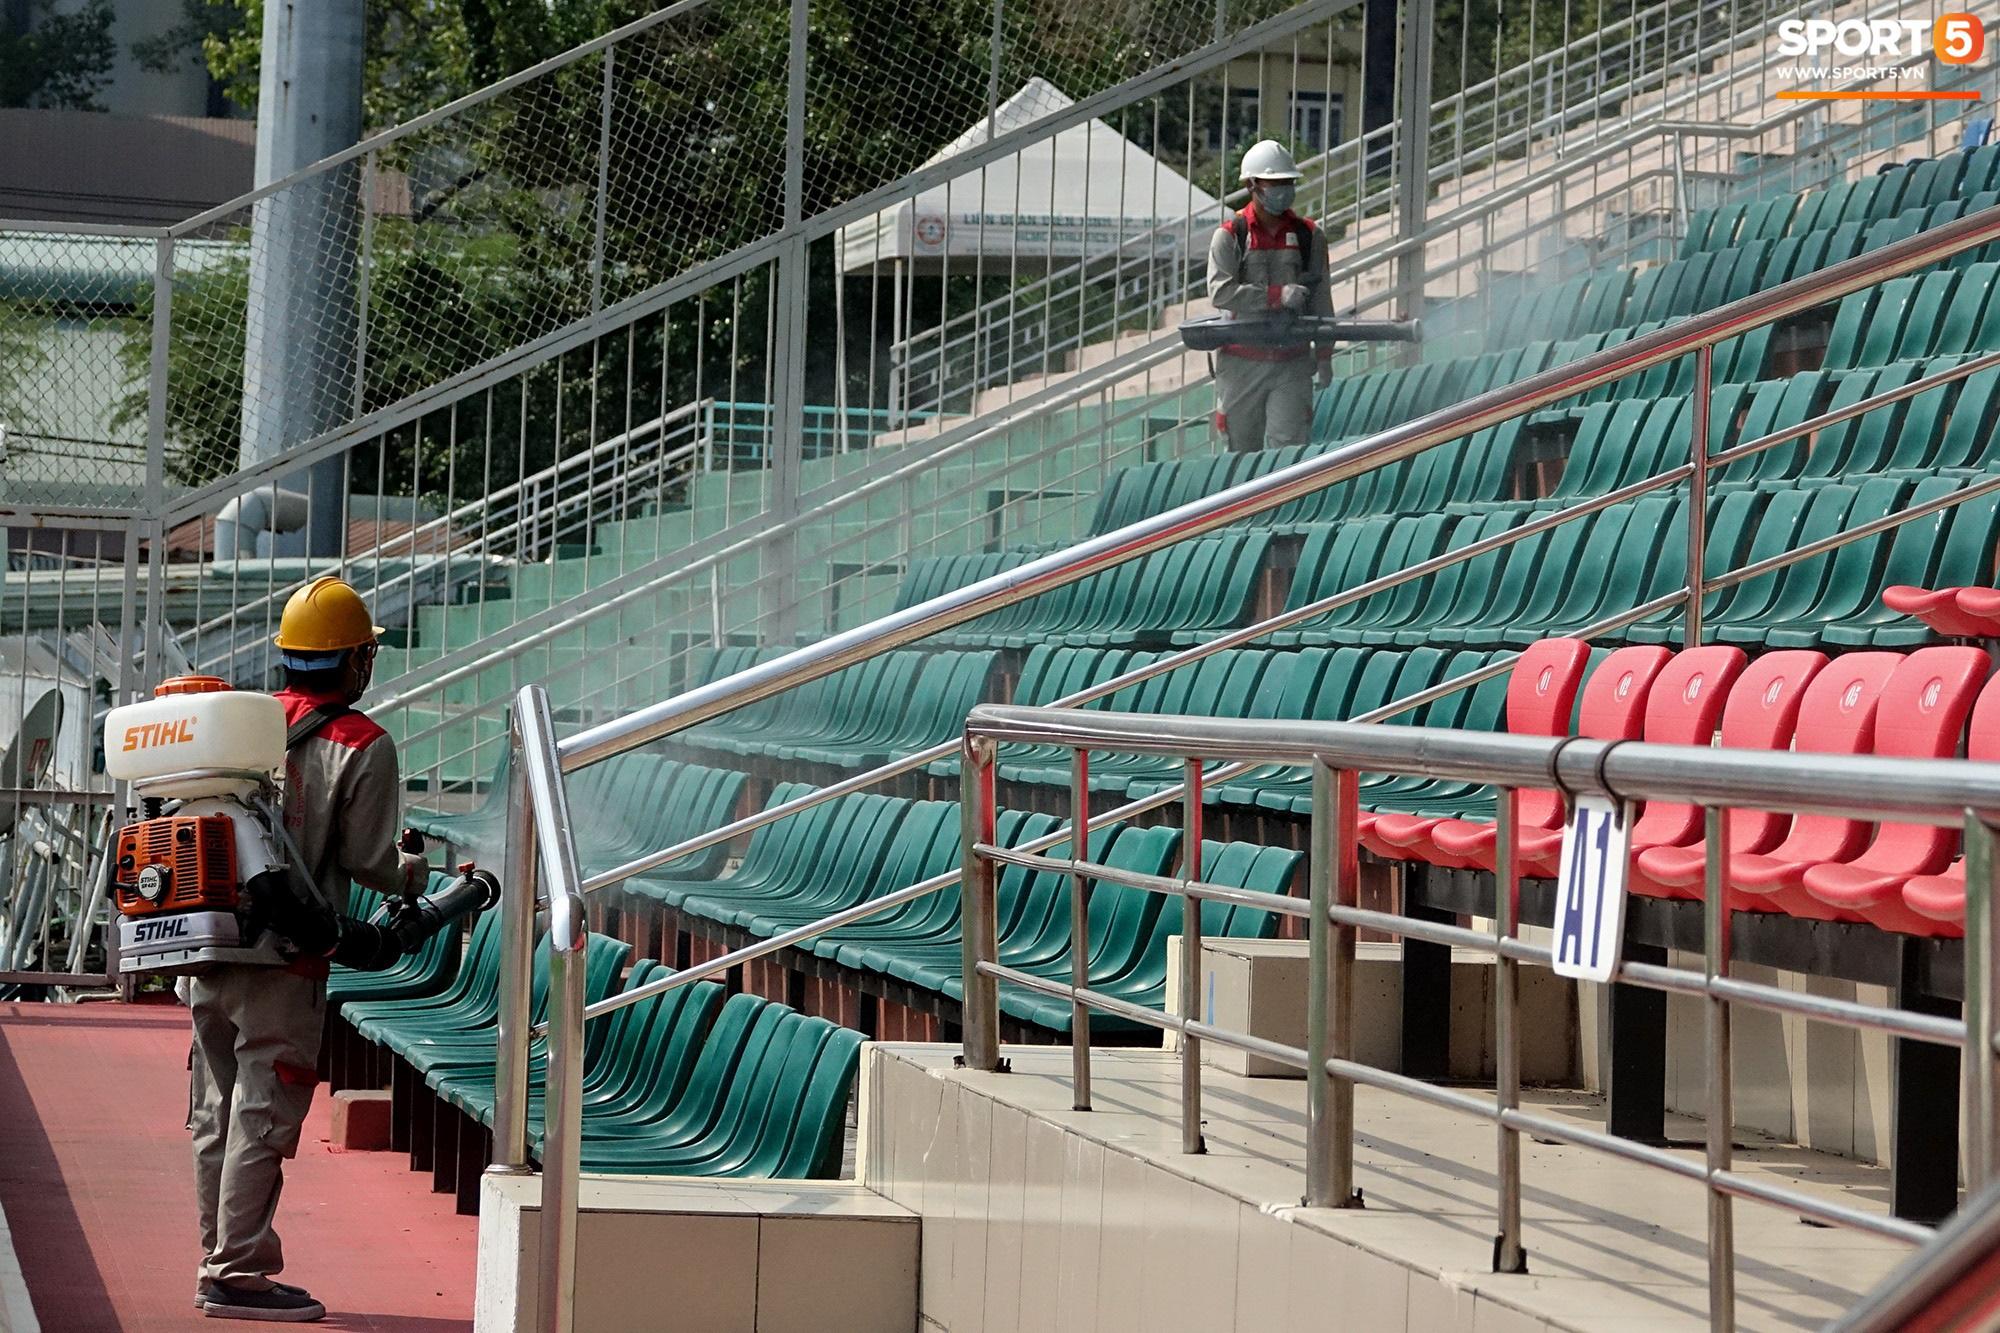 Sân Thống Nhất phun khử khuẩn trước trận đấu có HLV Park Hang-seo dự khán - Ảnh 4.